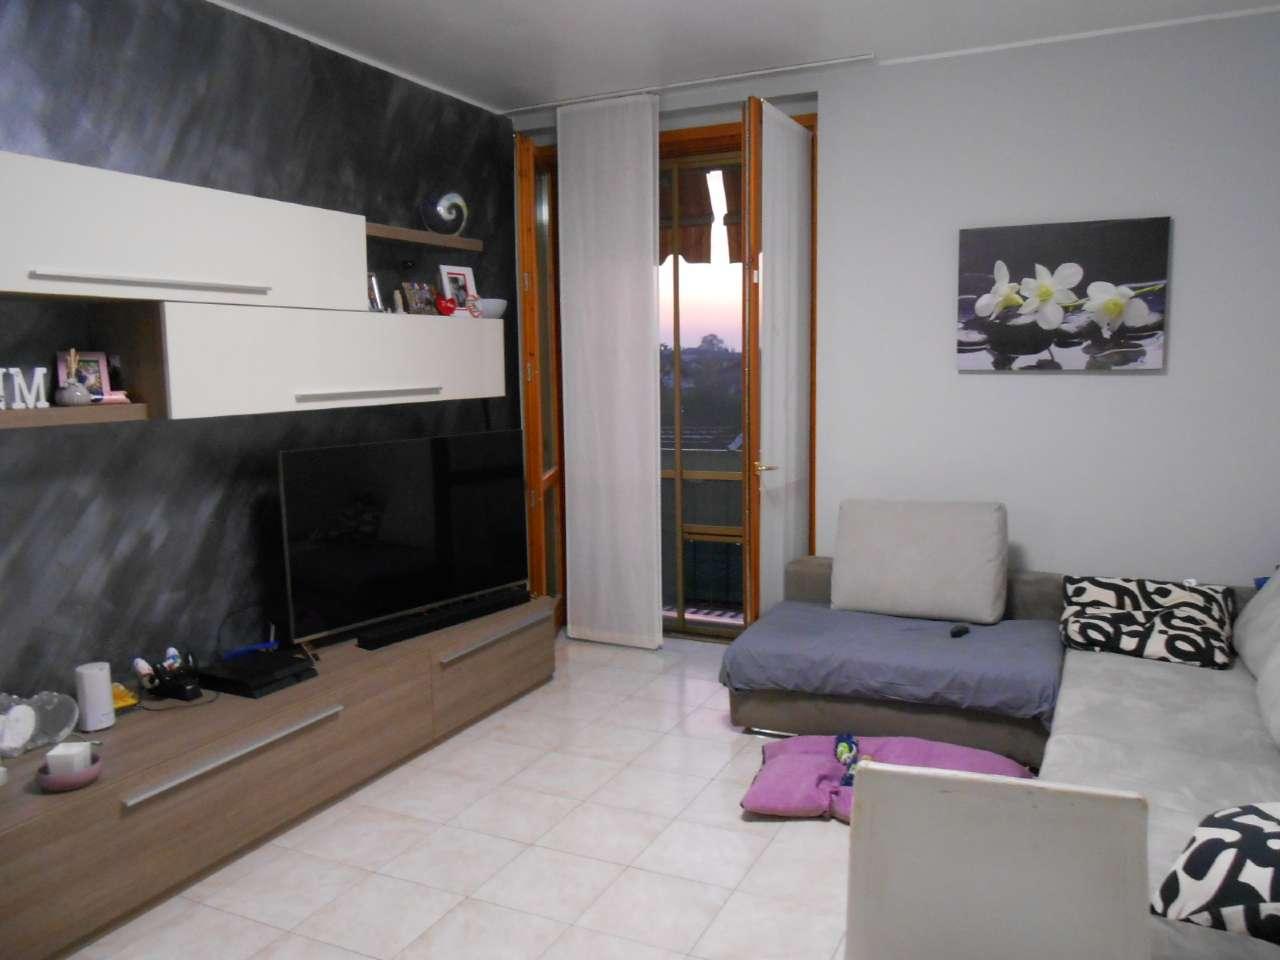 Appartamento in vendita a Casaletto Vaprio, 3 locali, prezzo € 127.000   PortaleAgenzieImmobiliari.it